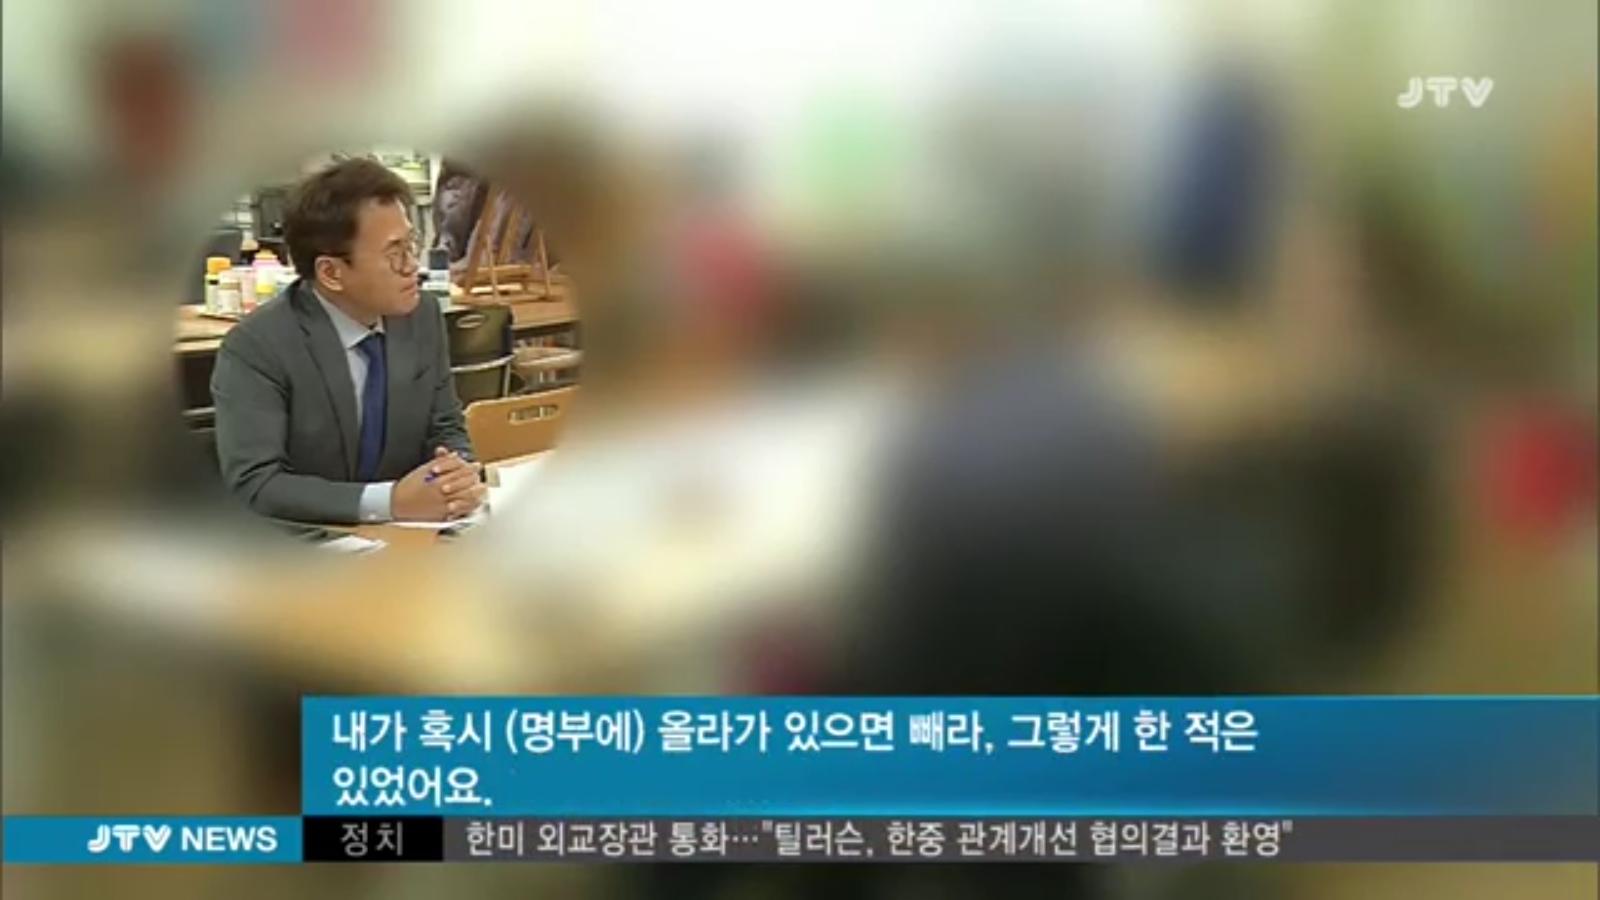 [17.11.05 JTV] 봉침목사 시설 모태인 단체도 설립부터 '엉터리'...줄줄 새는 보조금4.jpg